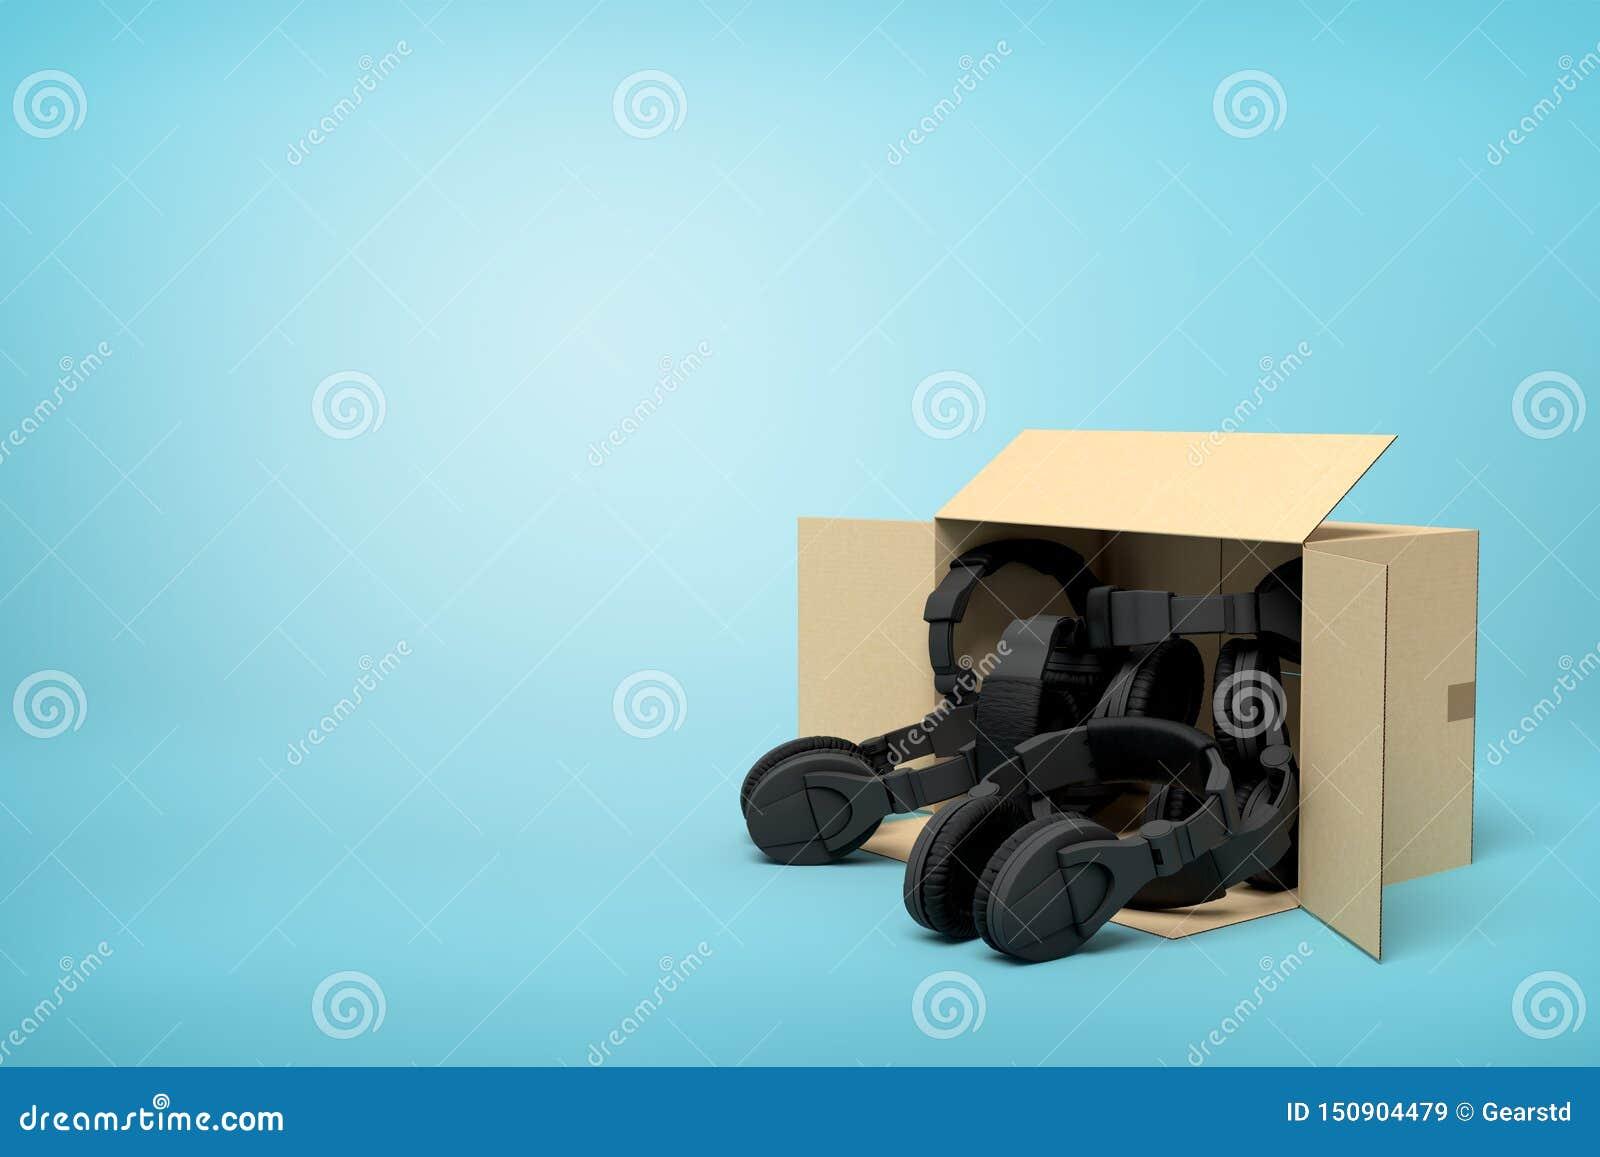 Rappresentazione 3d della menzogne aperta della scatola di cartone laterale con le cuffie nere dentro su fondo blu-chiaro con lo